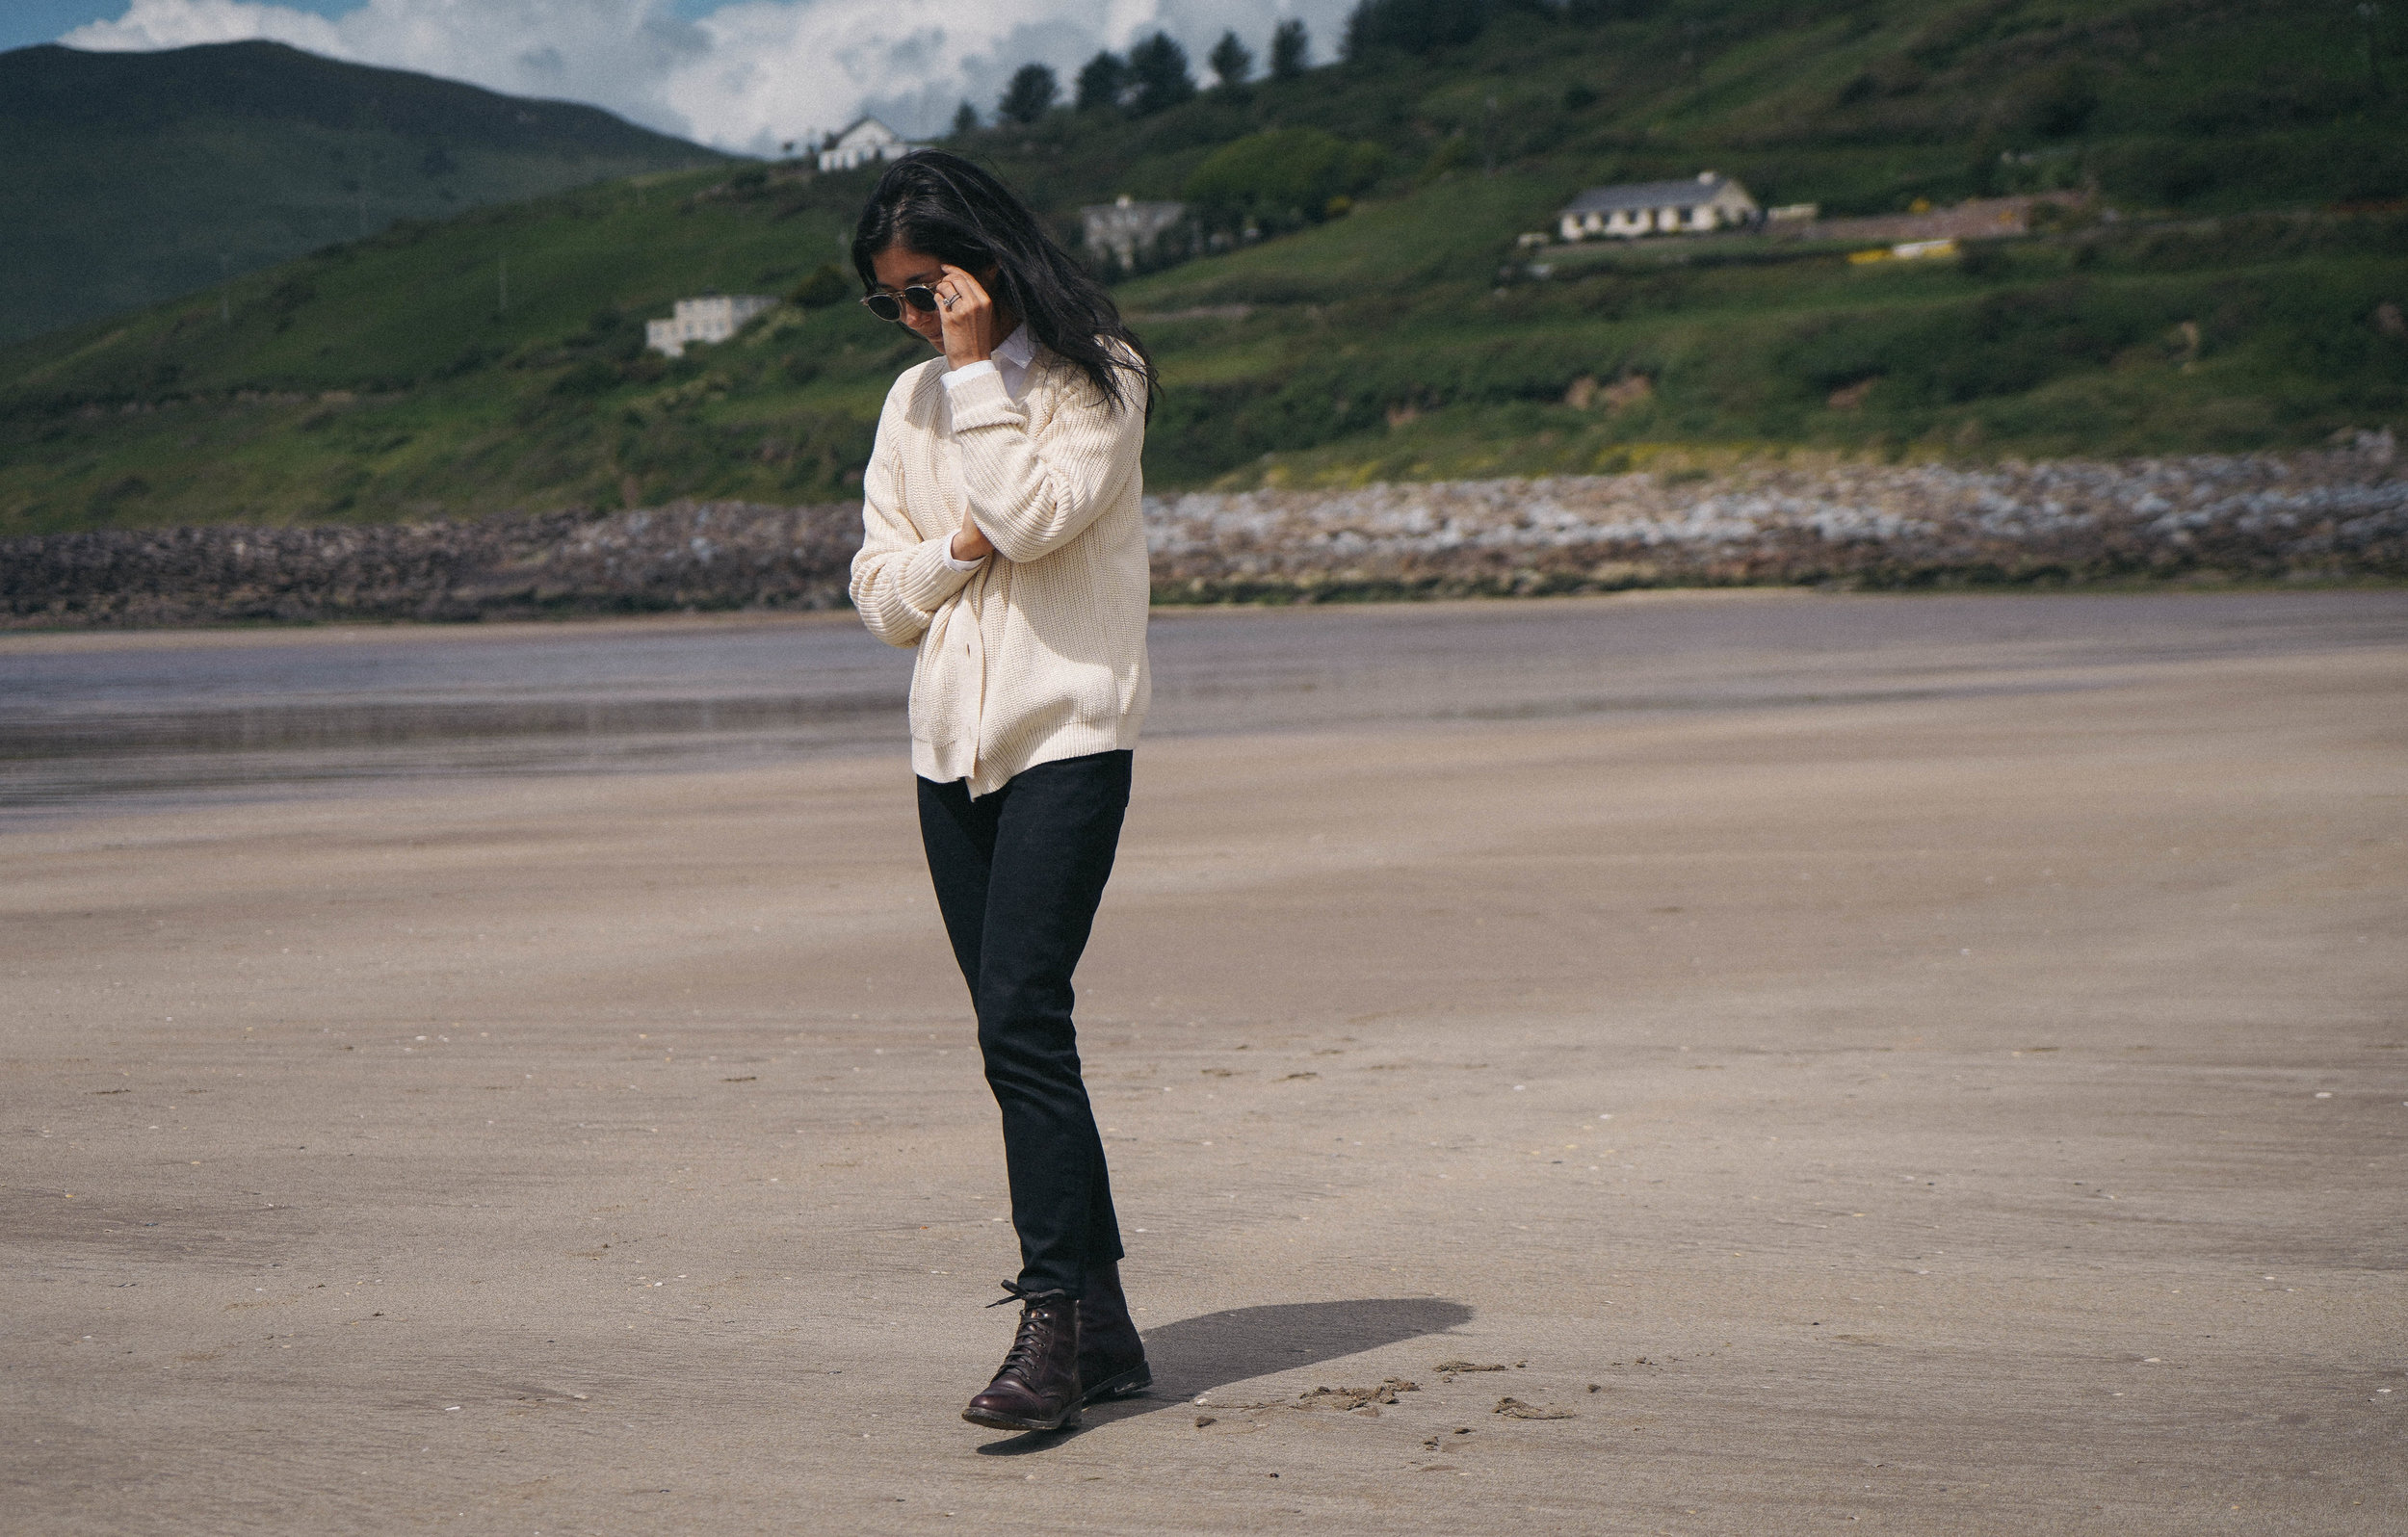 l'envers-sweater-review-thursday boots-pantos-paris-.jpg